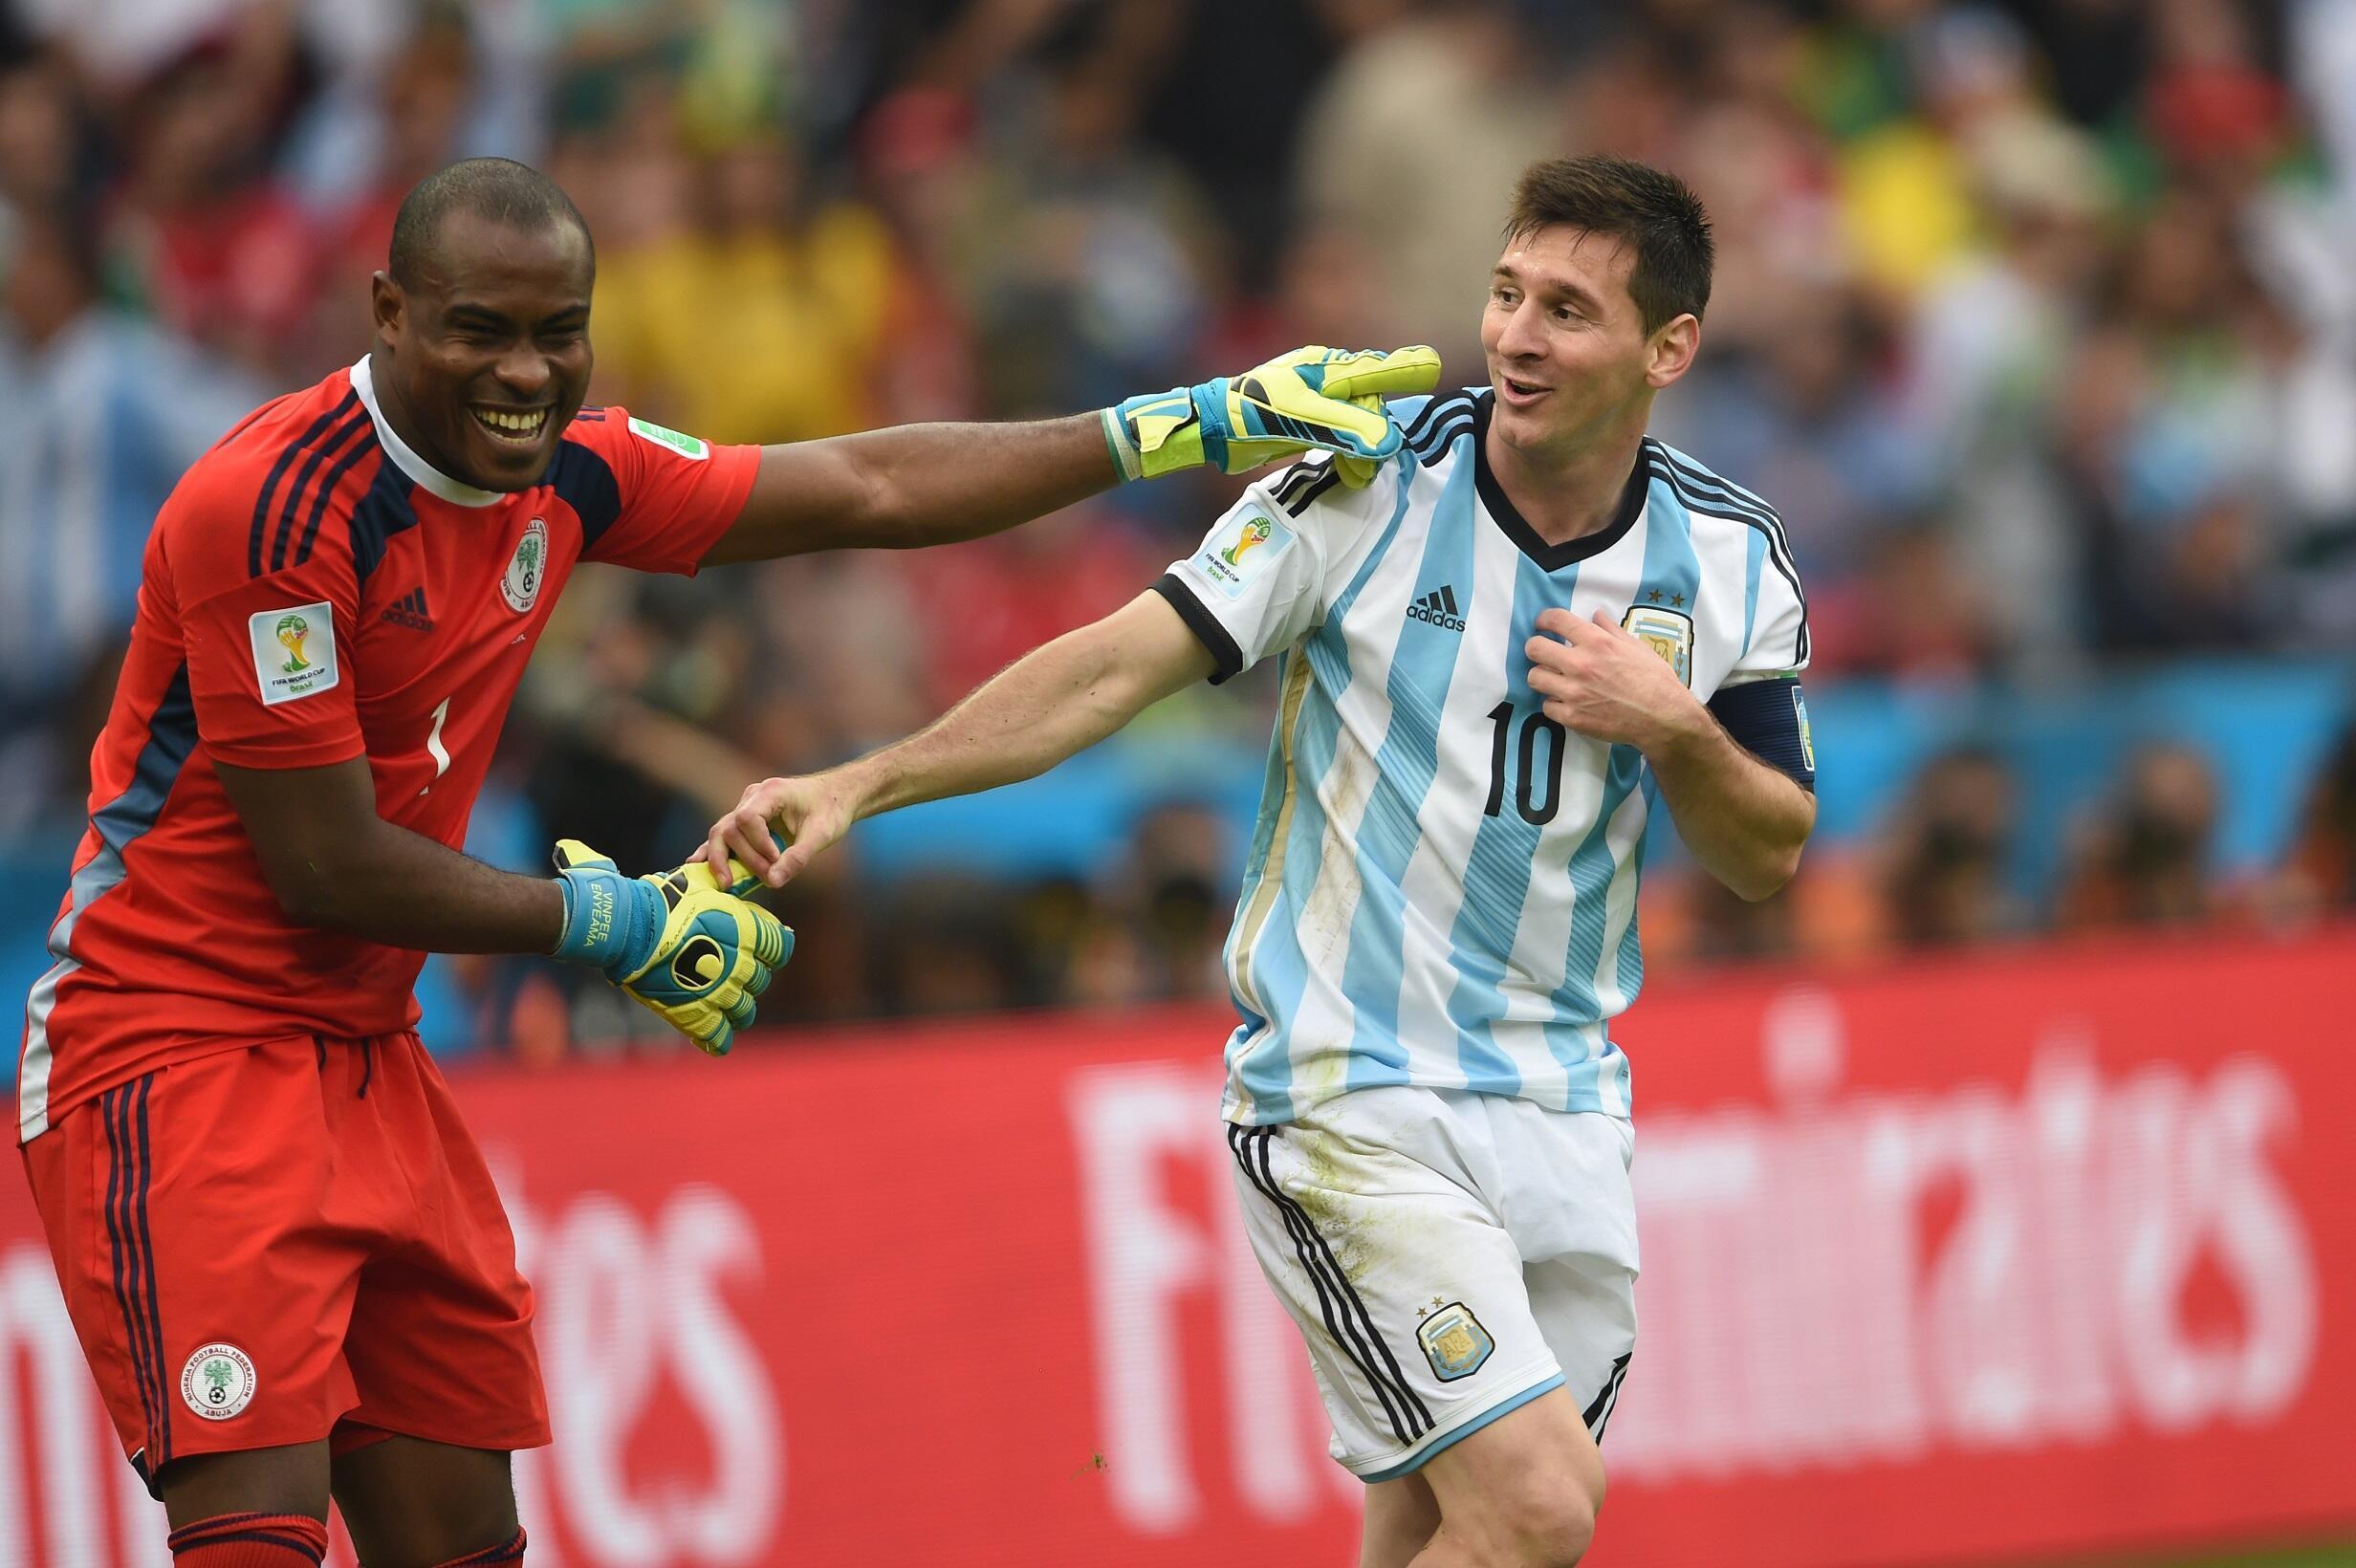 Mshambuliaji wa Timu ya Taifa ya Argentina Lionel Messi na Golikipa wa Nigeria Vincent Enyeama wakiwa uwanjani.